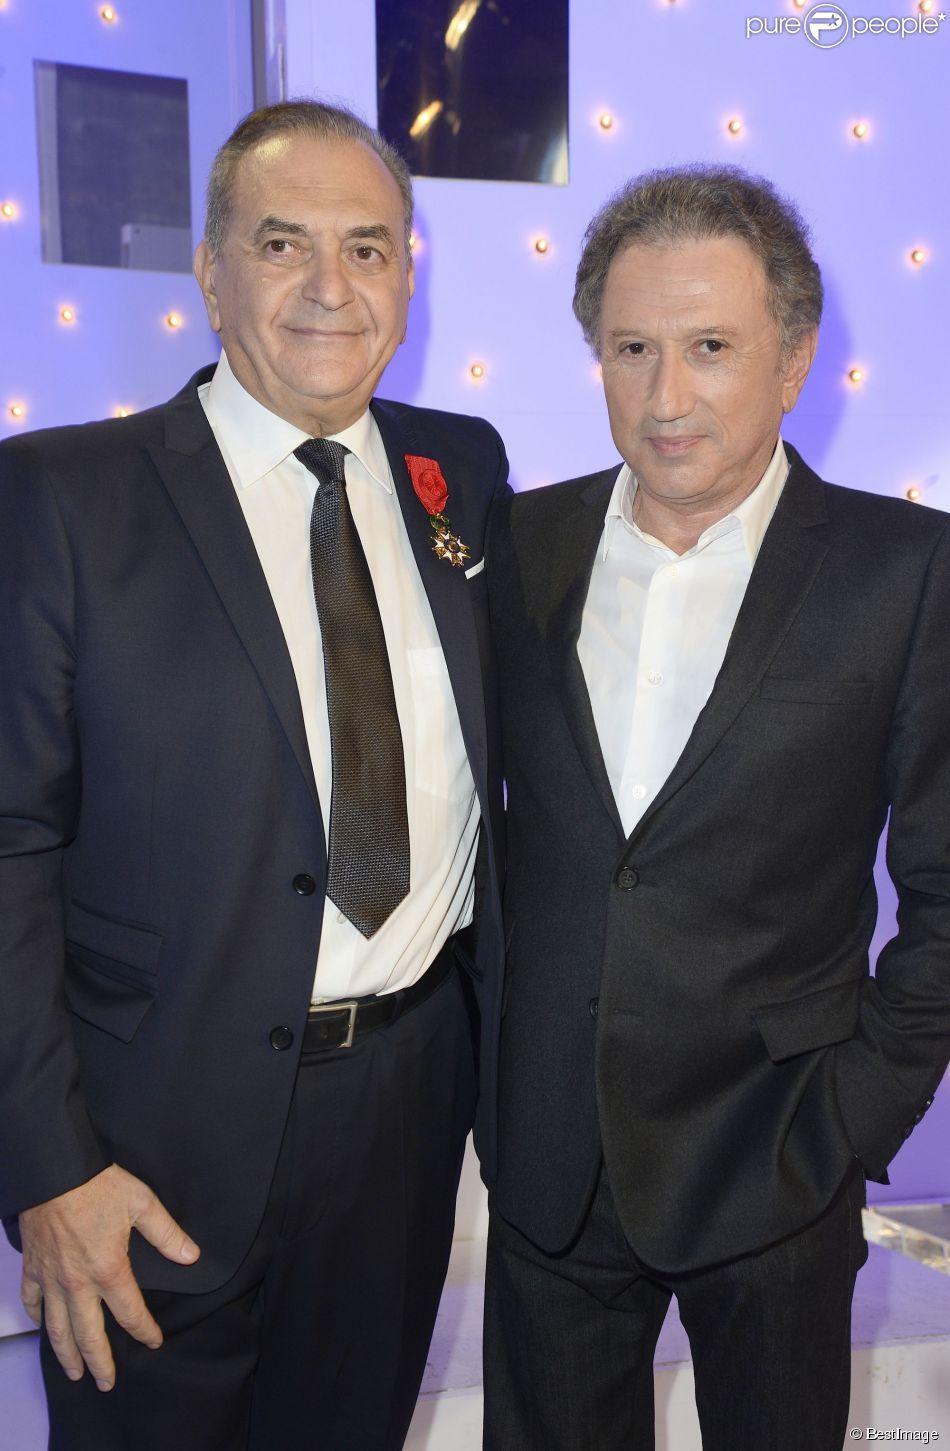 Jean Nainchrik et Michel Drucker - Michel Drucker a remis la Légion d'honneur à Jean Nainchrik au Pavillon Gabriel à Paris, le 28 septembre 2014.